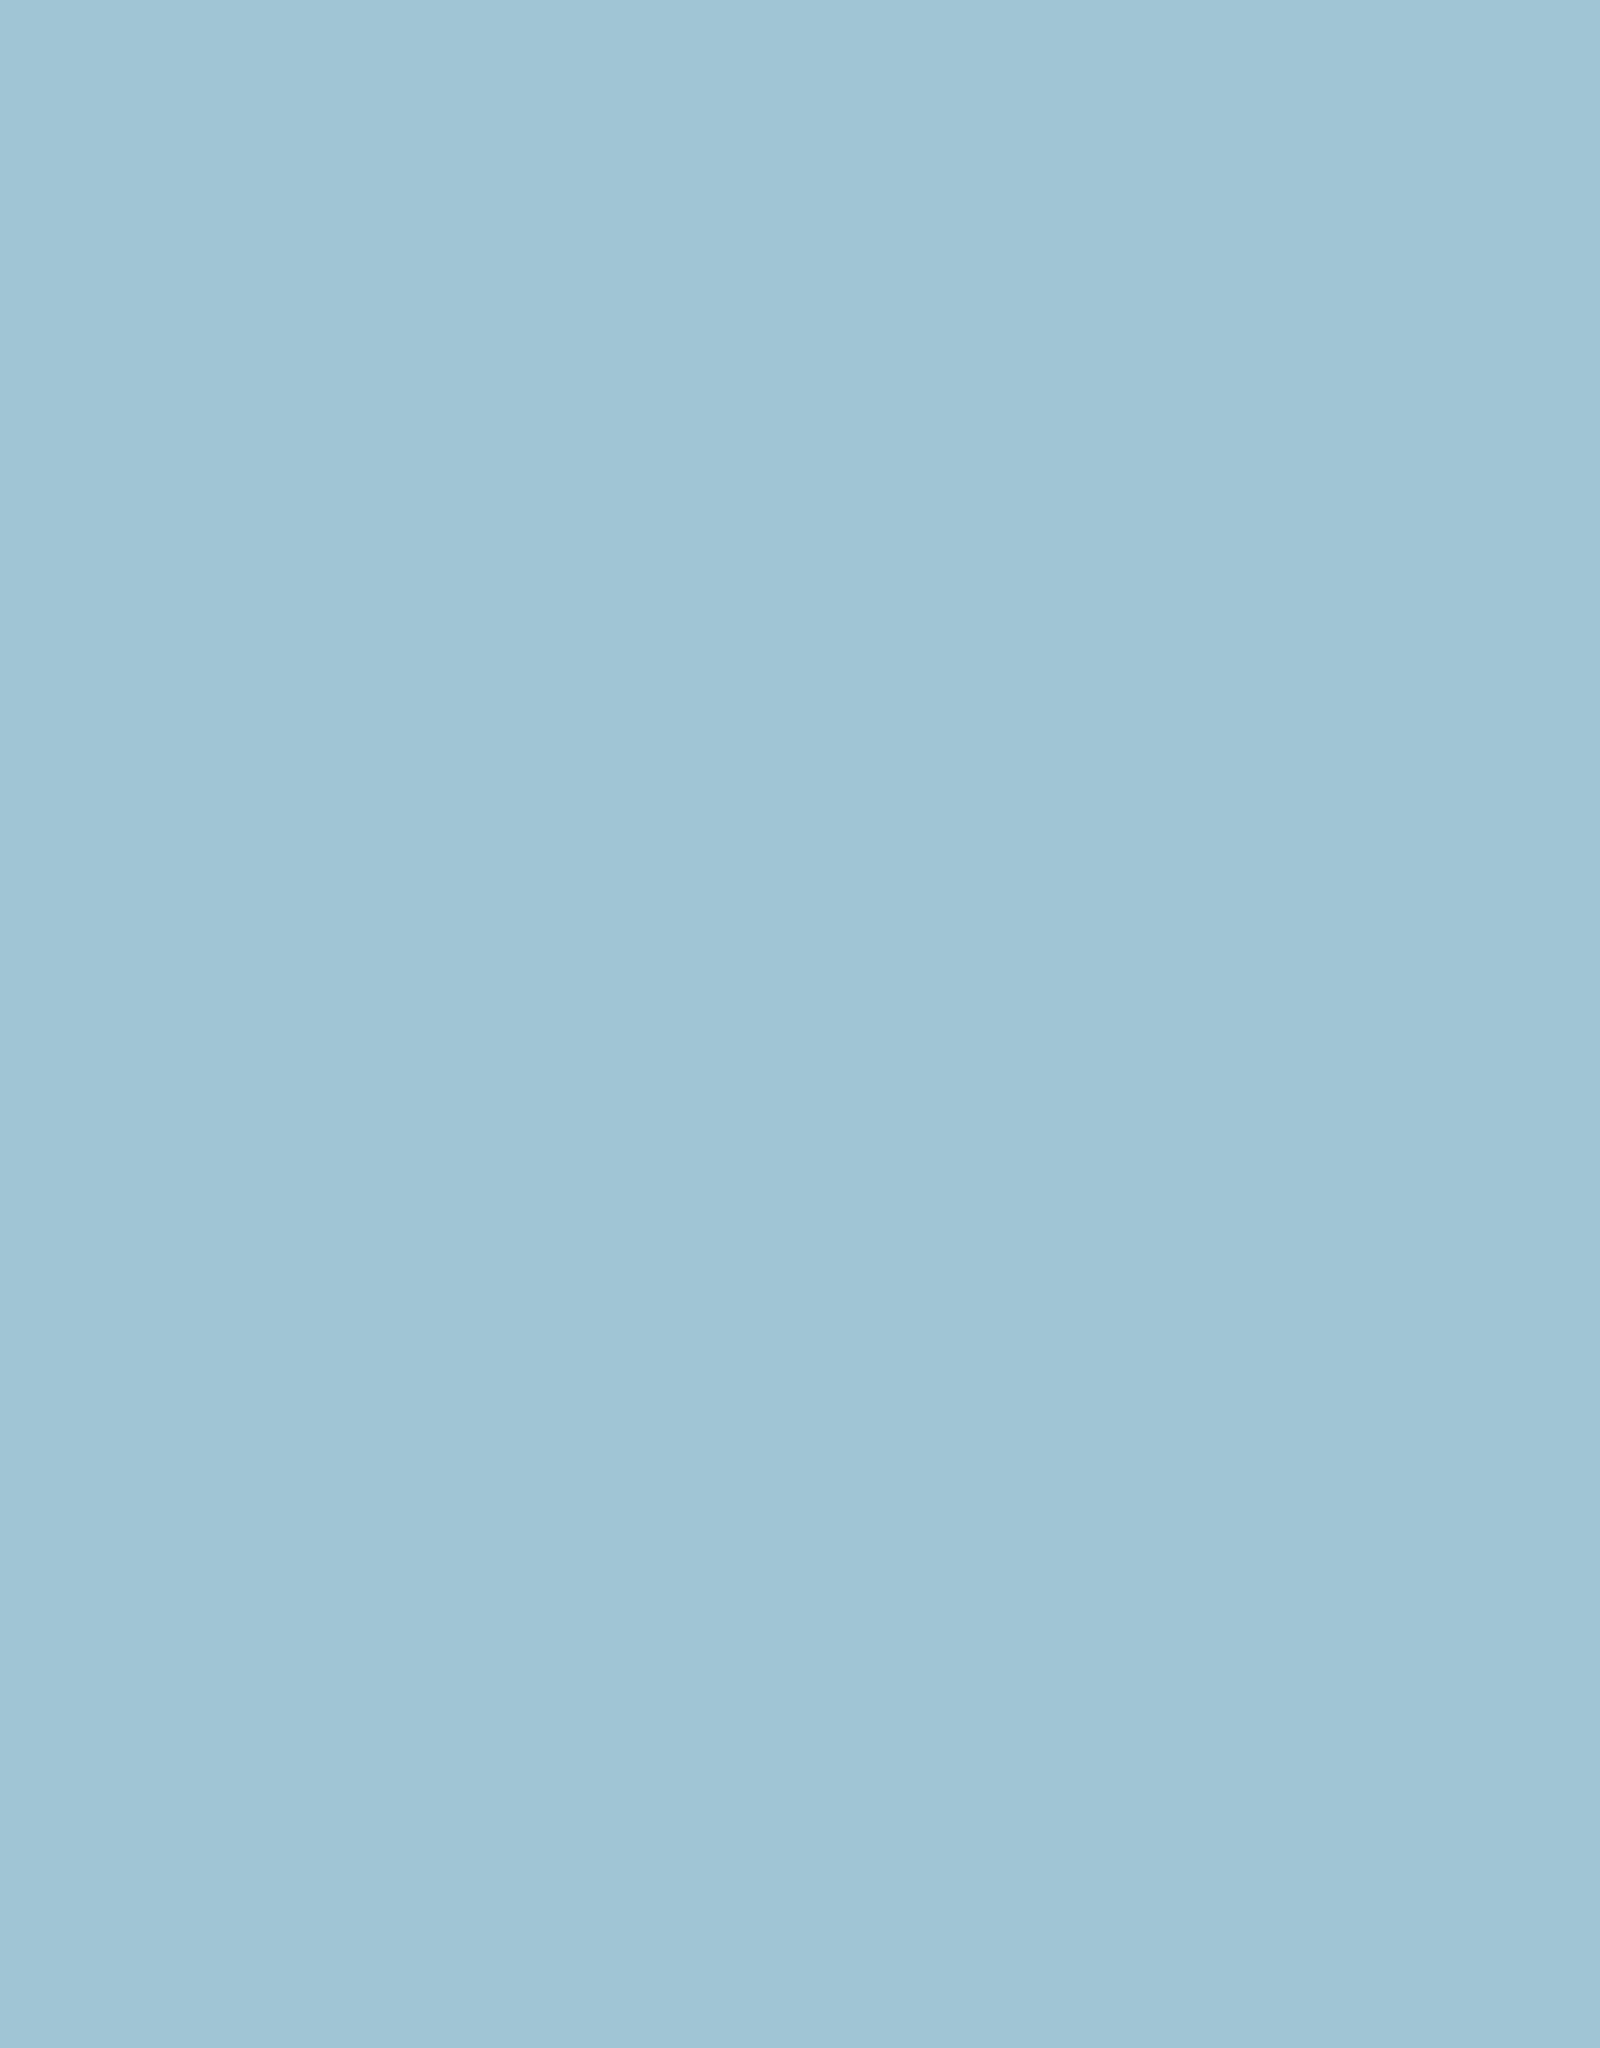 Superior Seamless Superior Seamless 9' Sky Blue #02